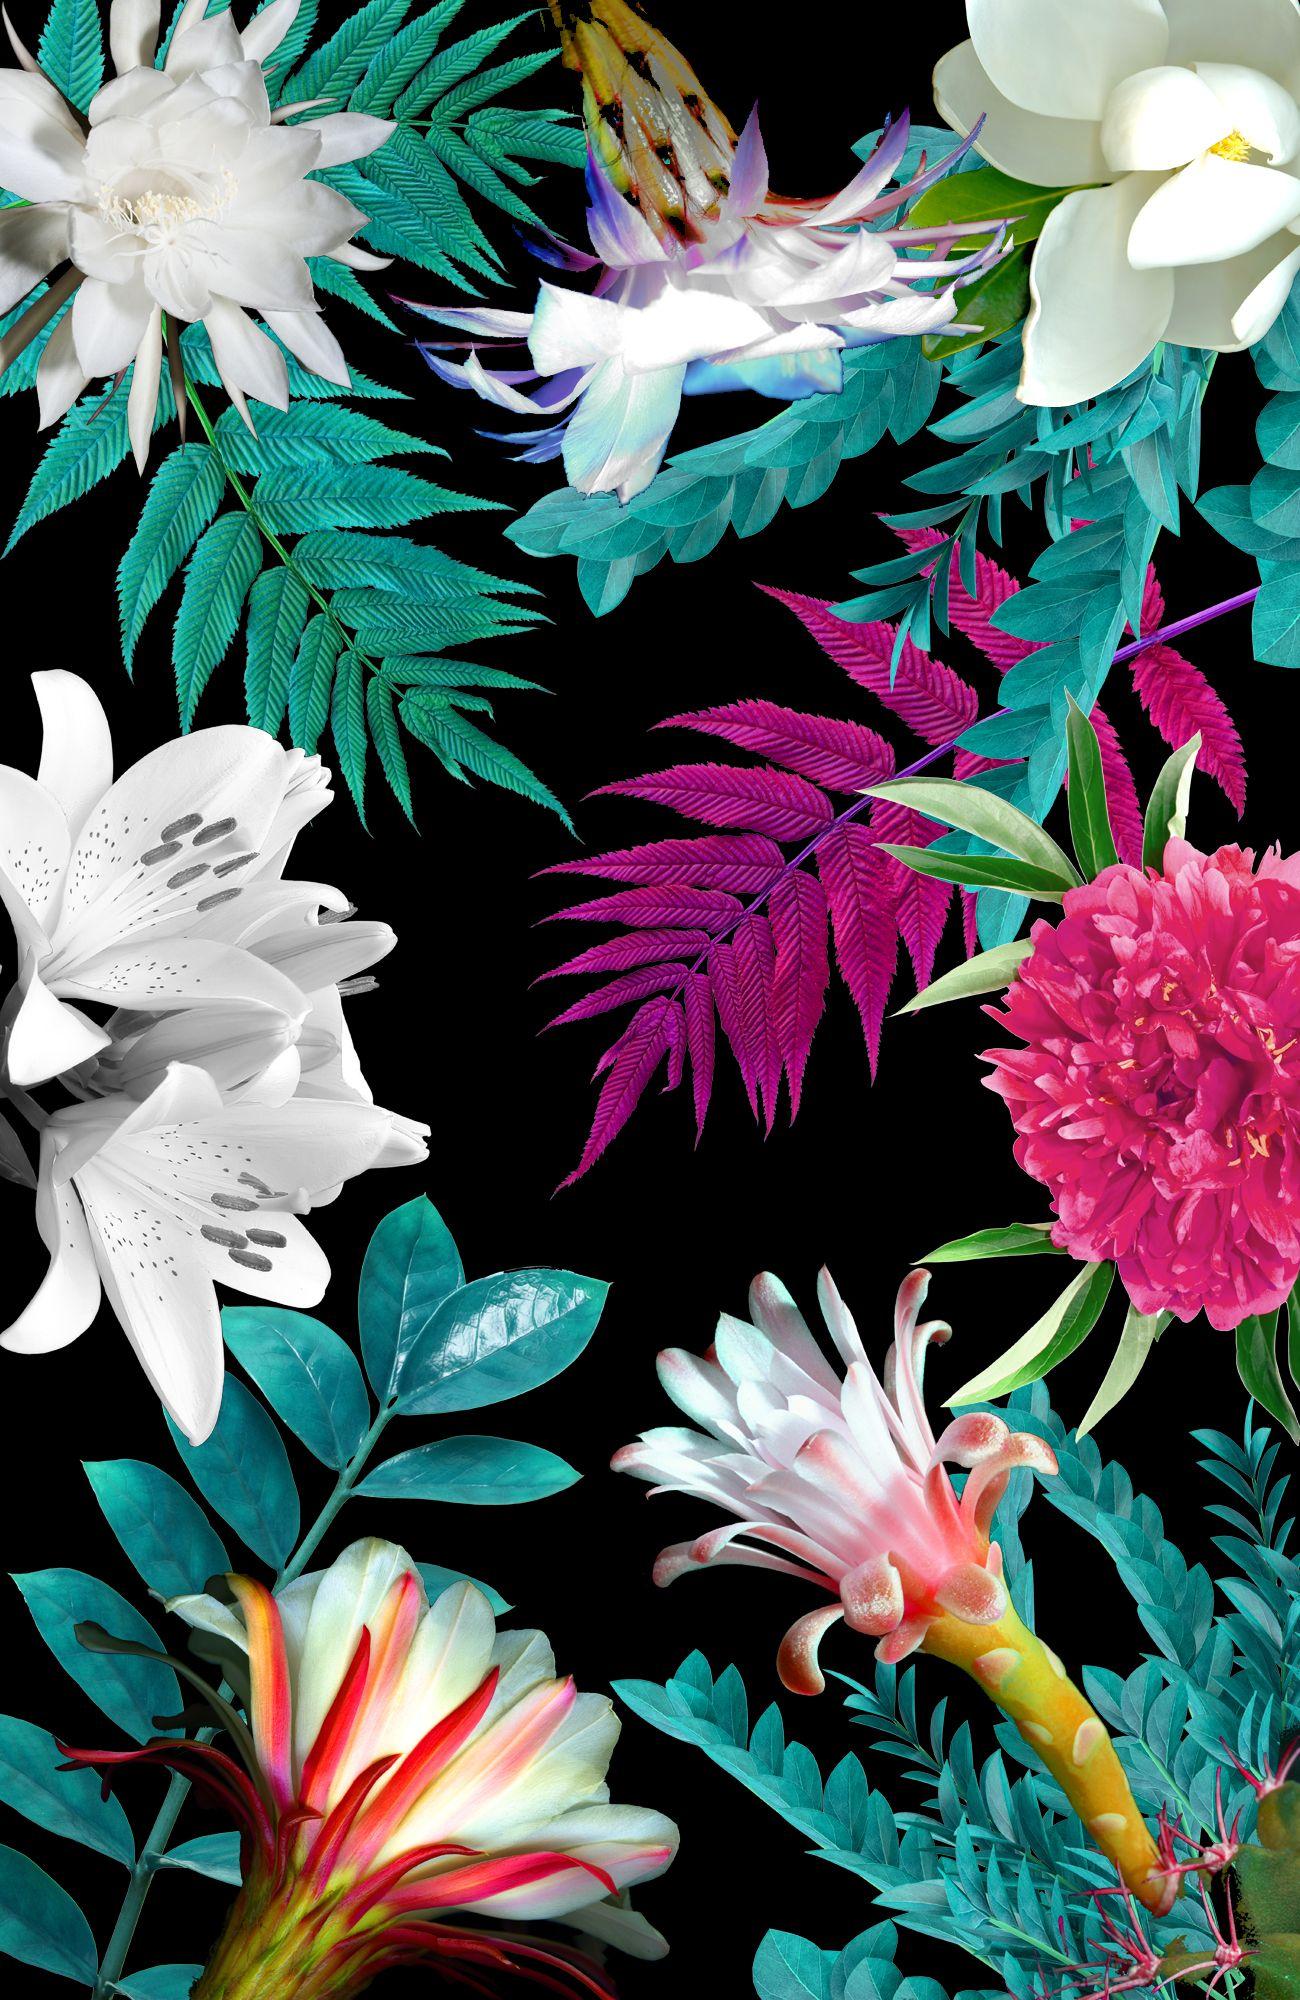 Floral Botanic By Karen Hofstetter Www Karenhofstetter Com